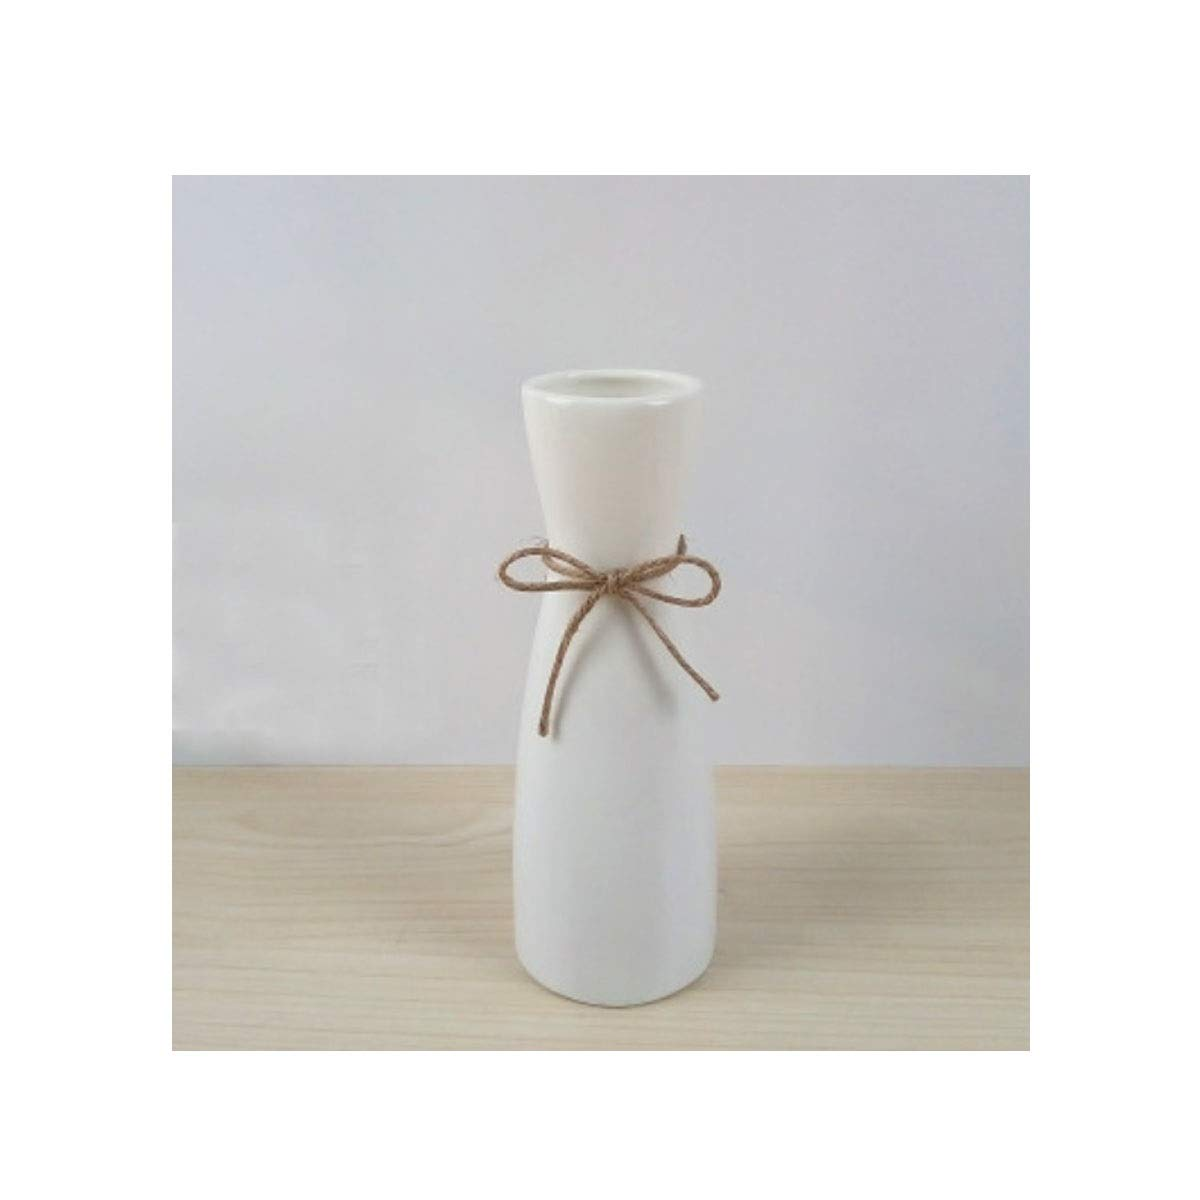 花瓶、クリエイティブ星空セラミック花瓶、リビングルームのカウンタートップ小さな新鮮なドライフラワーのアレンジメントシンプルモダンなスタイル、白の長さ20 cm (Color : White 1) B07RSY2MVJ White 1